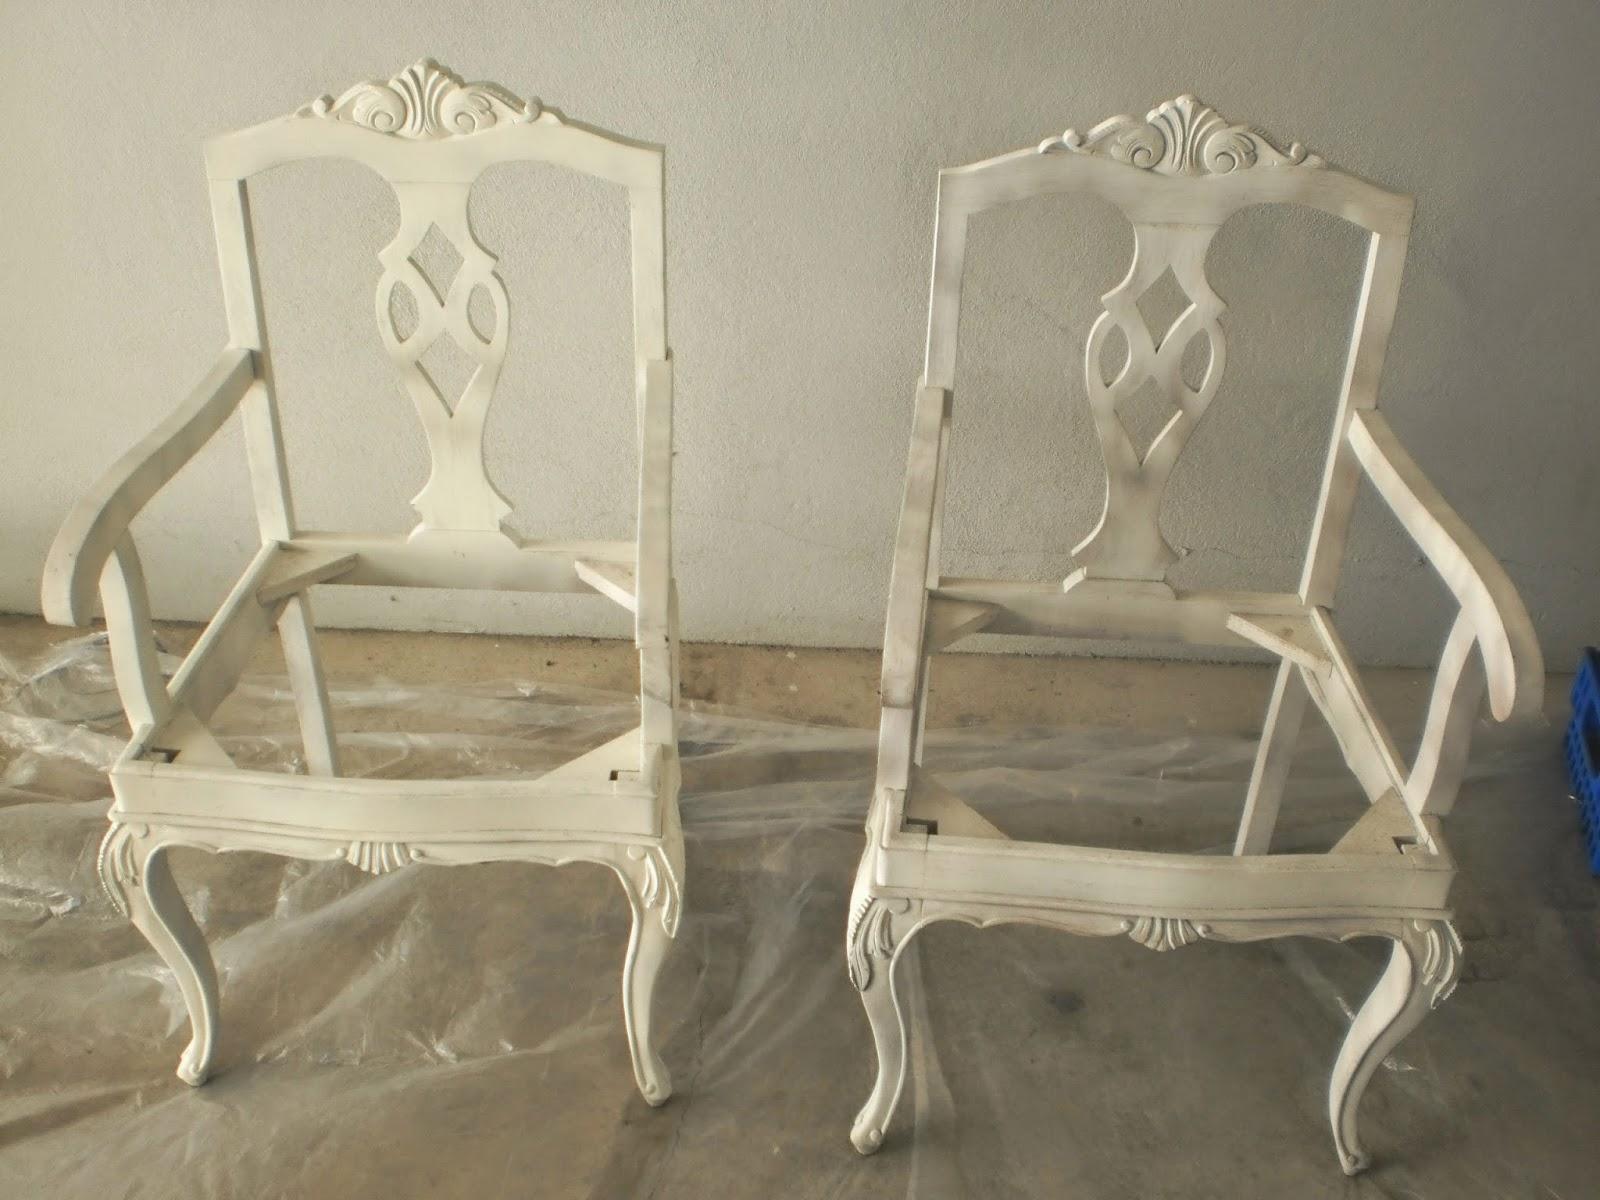 Como estofar uma cadeira uma experiência de quem não percebe nada  #203A66 1600x1200